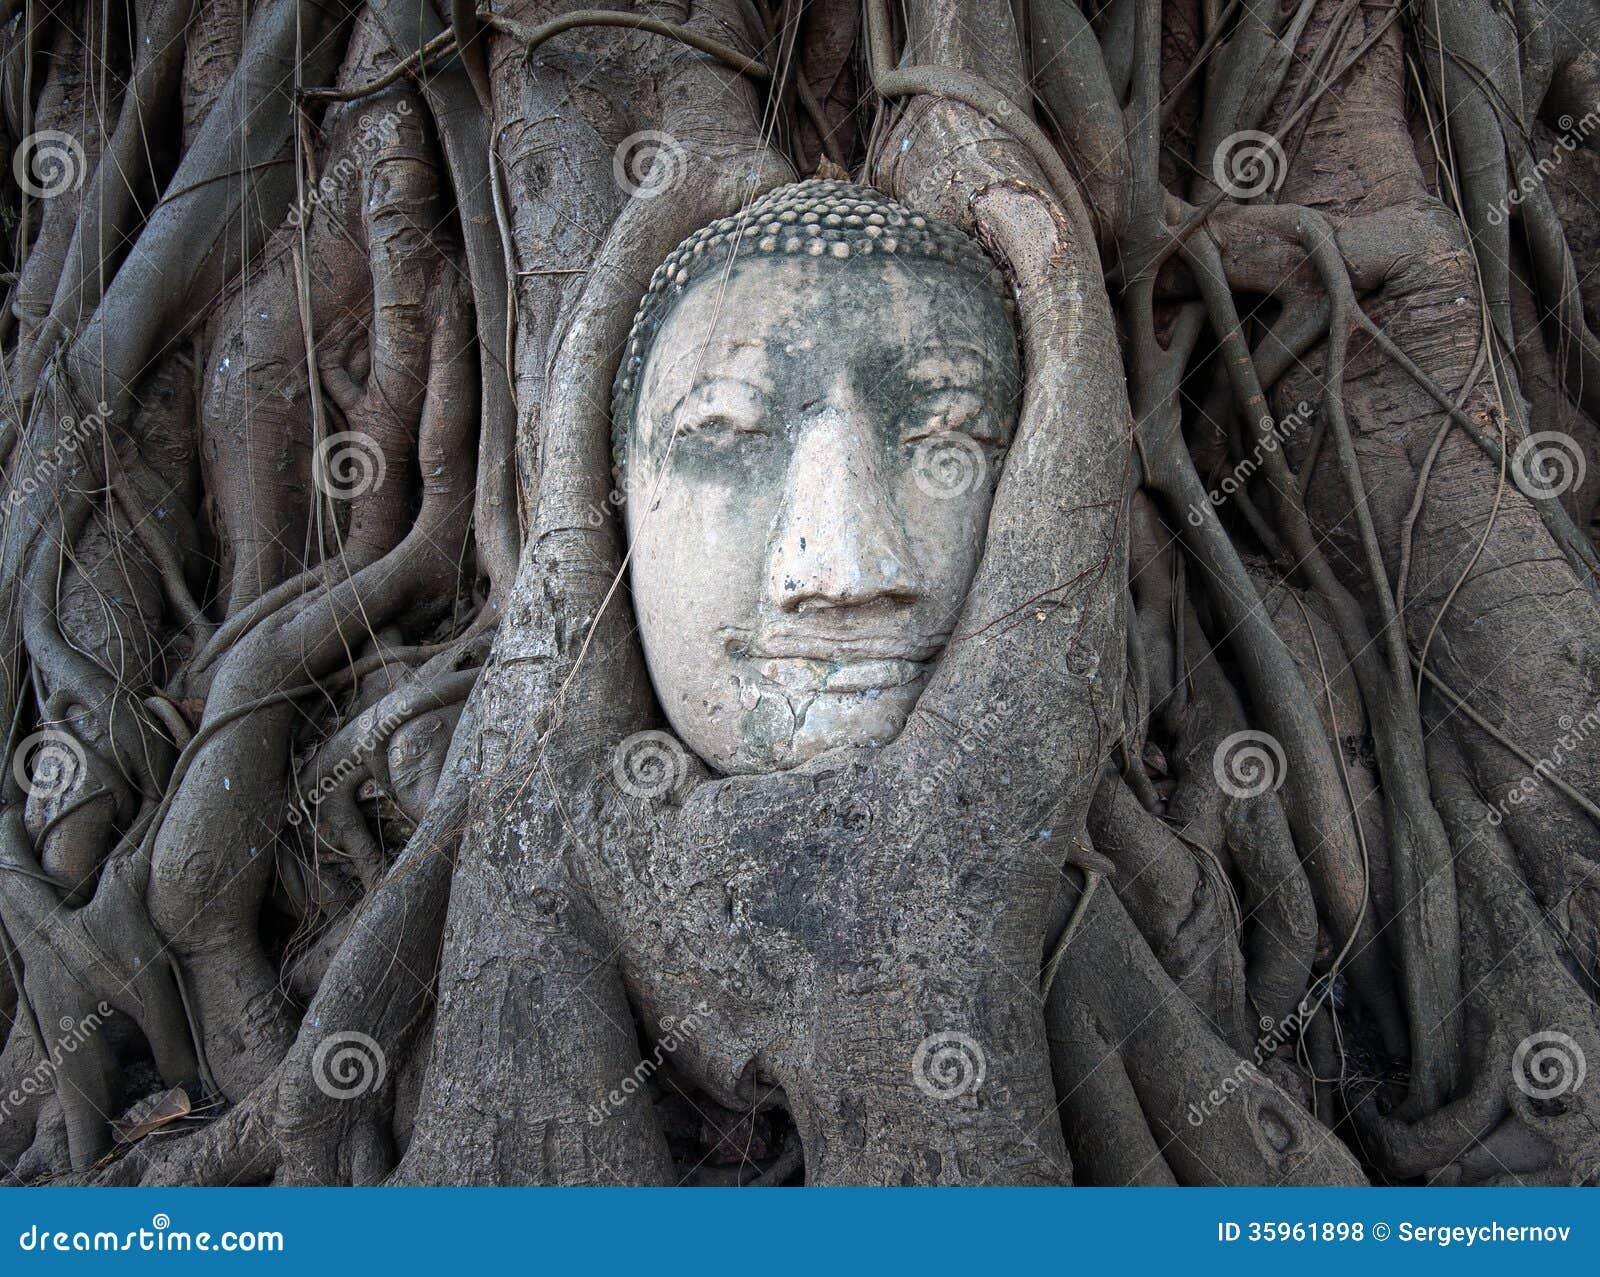 La cabeza de Buda en árbol arraiga en Wat Mahathat, Ayutthaya, Tailandia